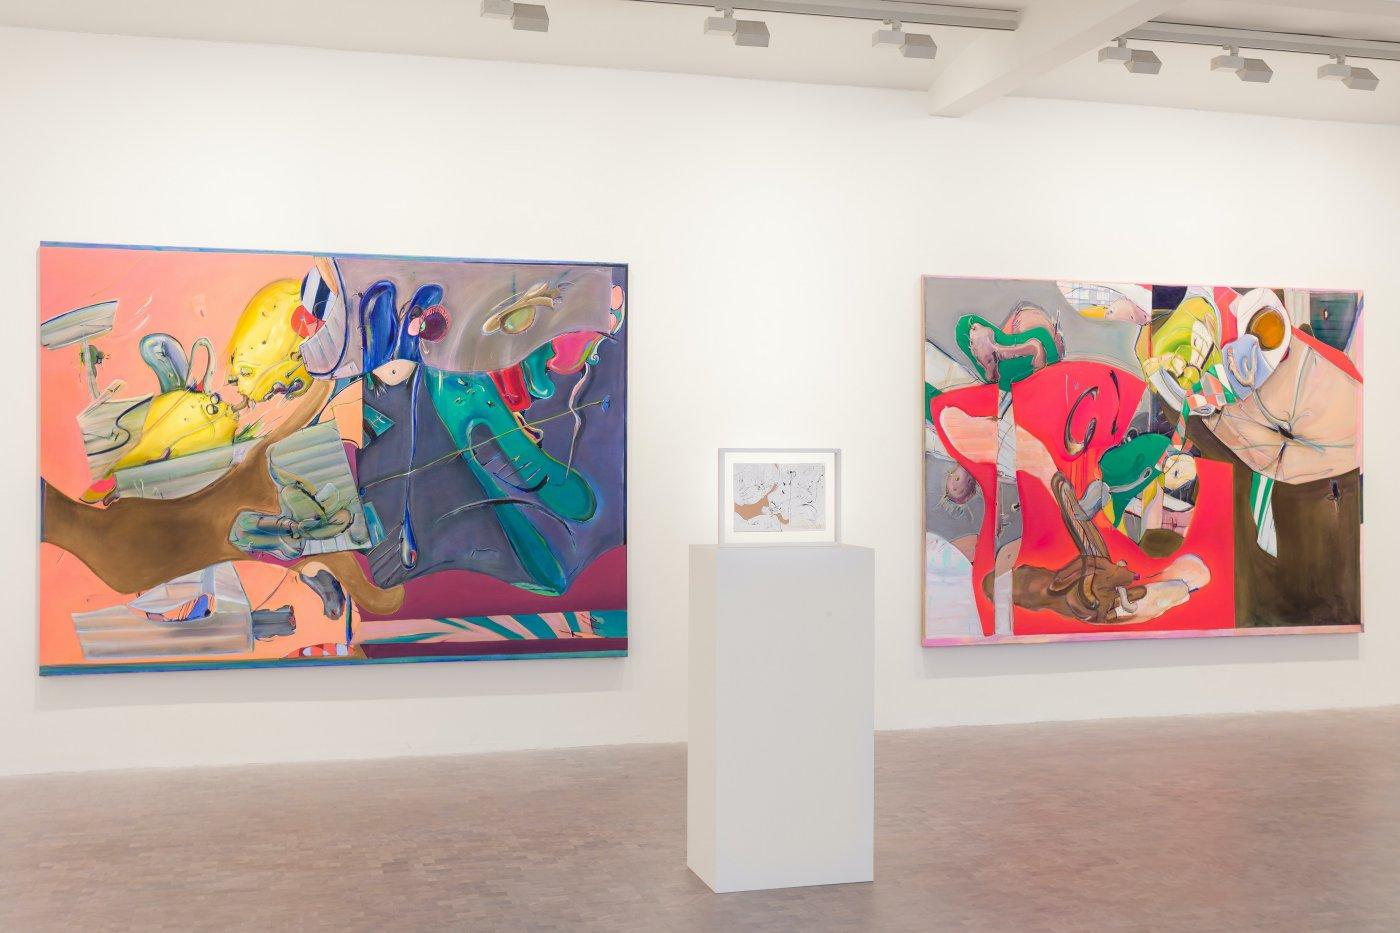 Pippy Houldsworth Gallery Stefanie Heinze 3